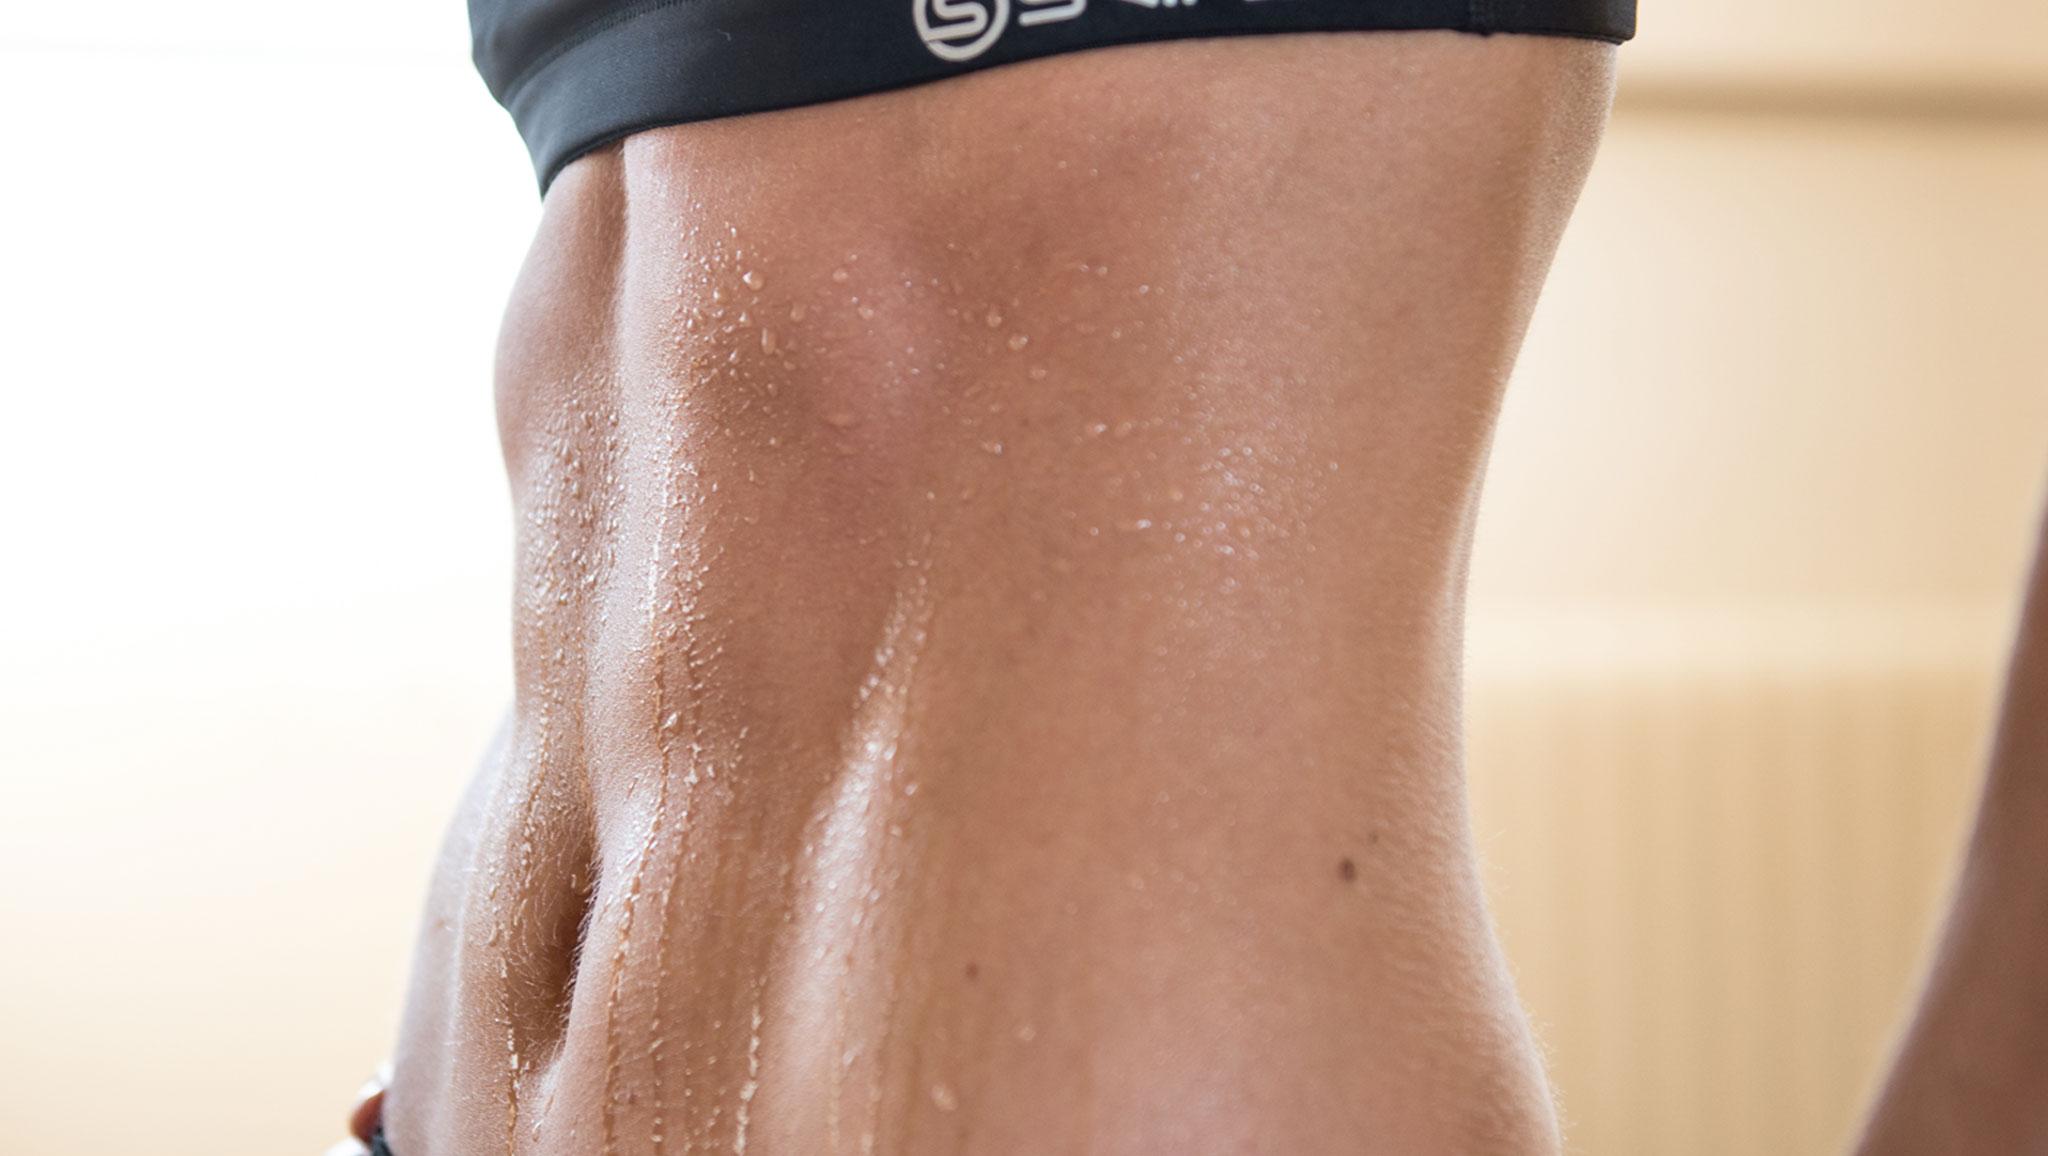 alto nivel de grasa muscular alto